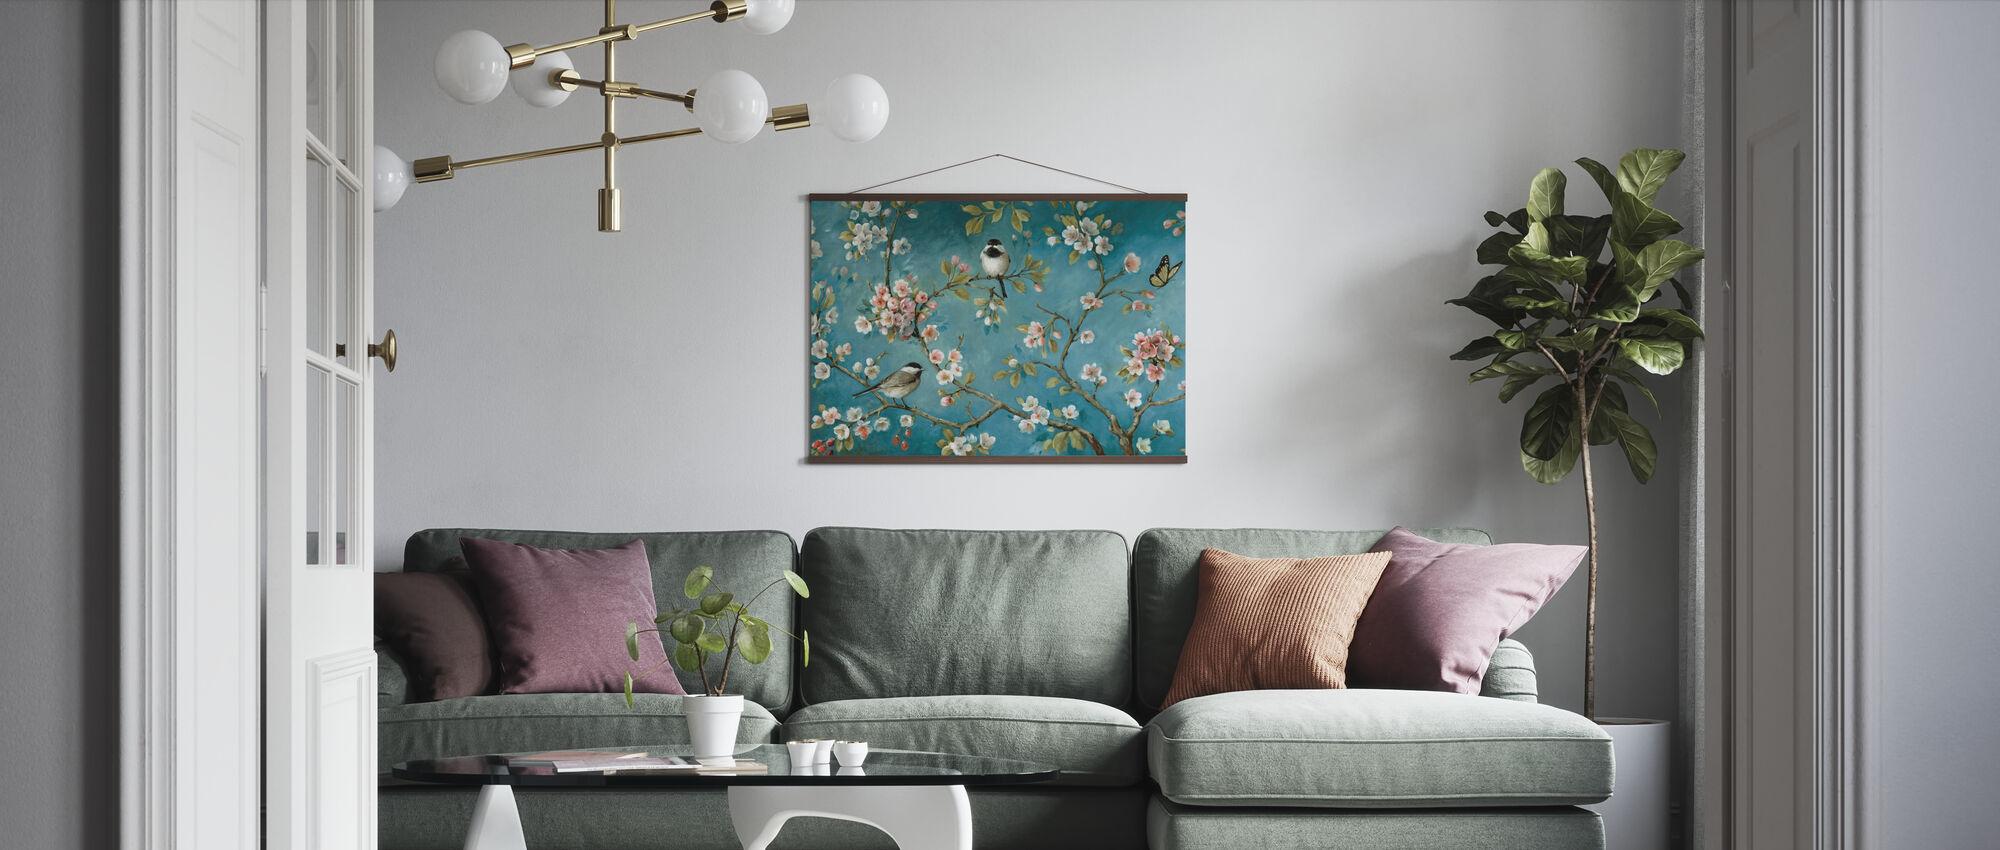 Blomma - Poster - Vardagsrum